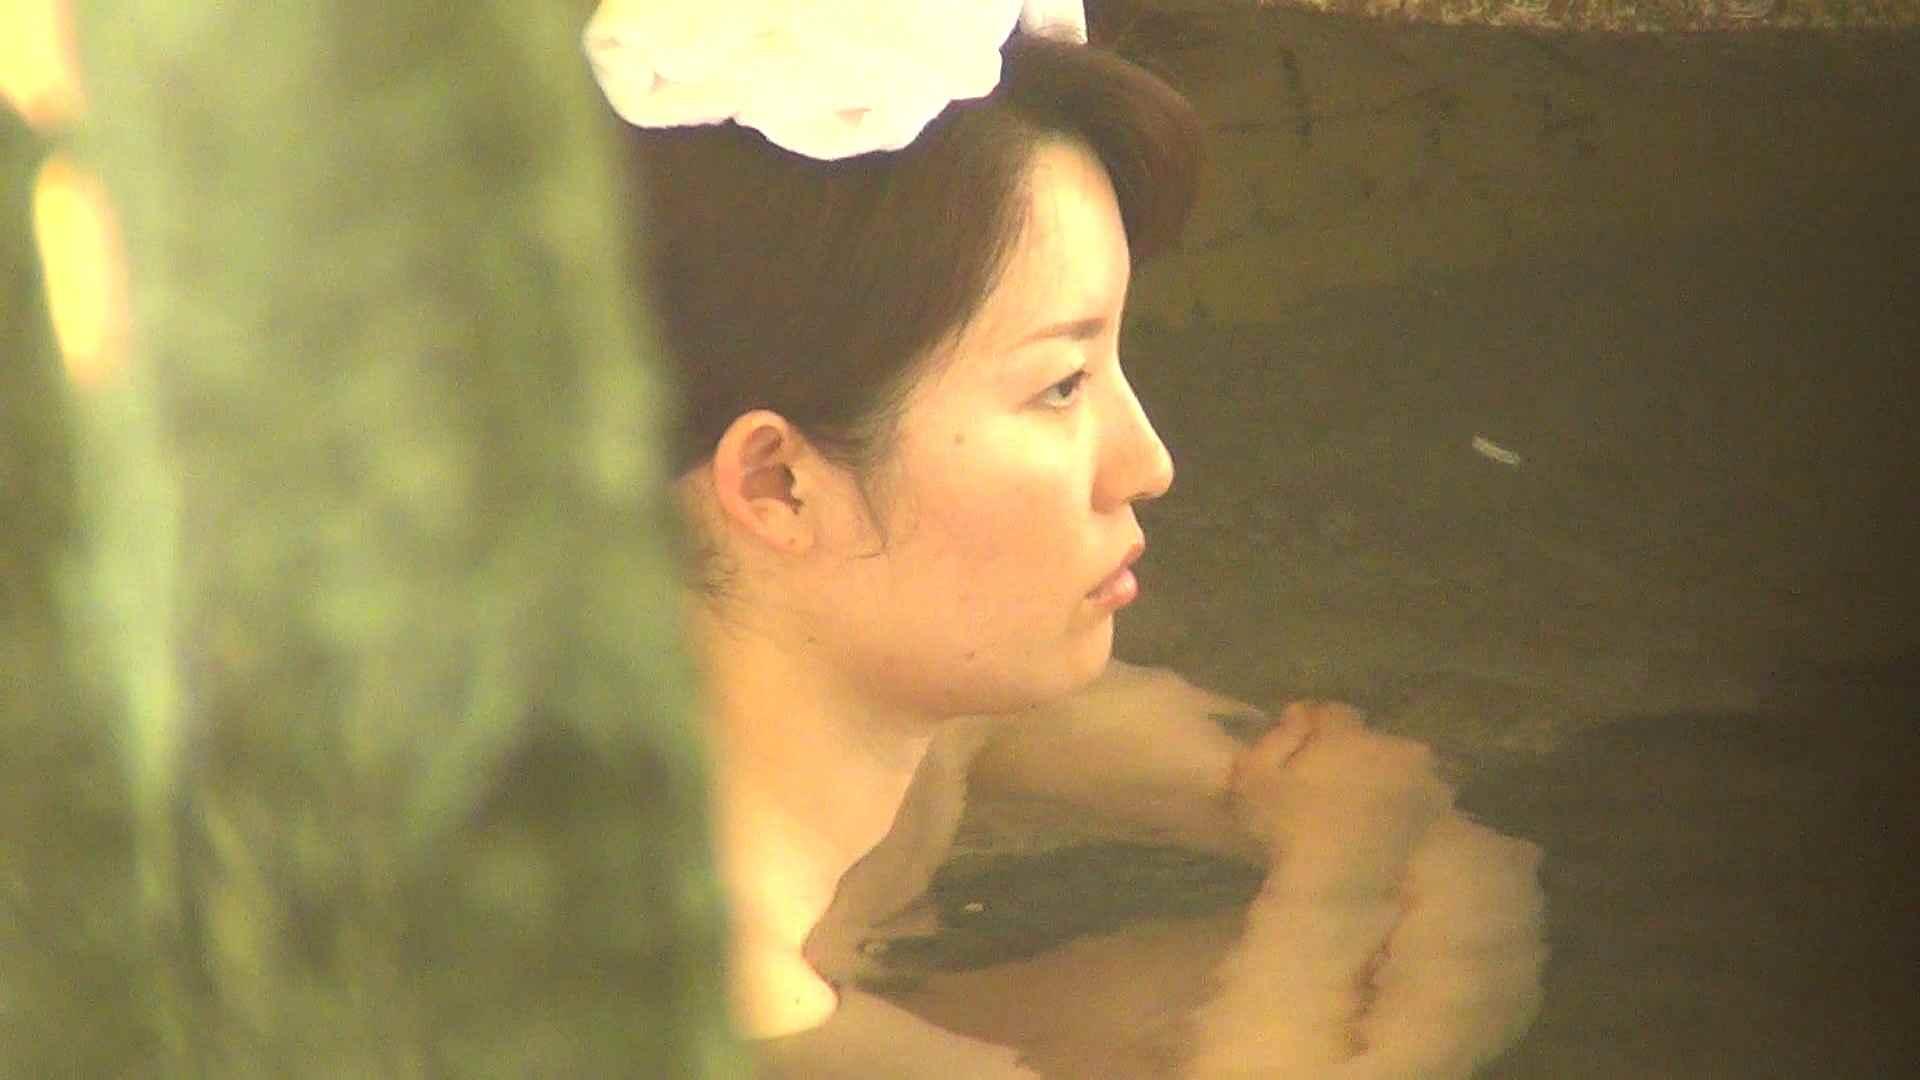 Aquaな露天風呂Vol.301 OLハメ撮り  41Pix 37